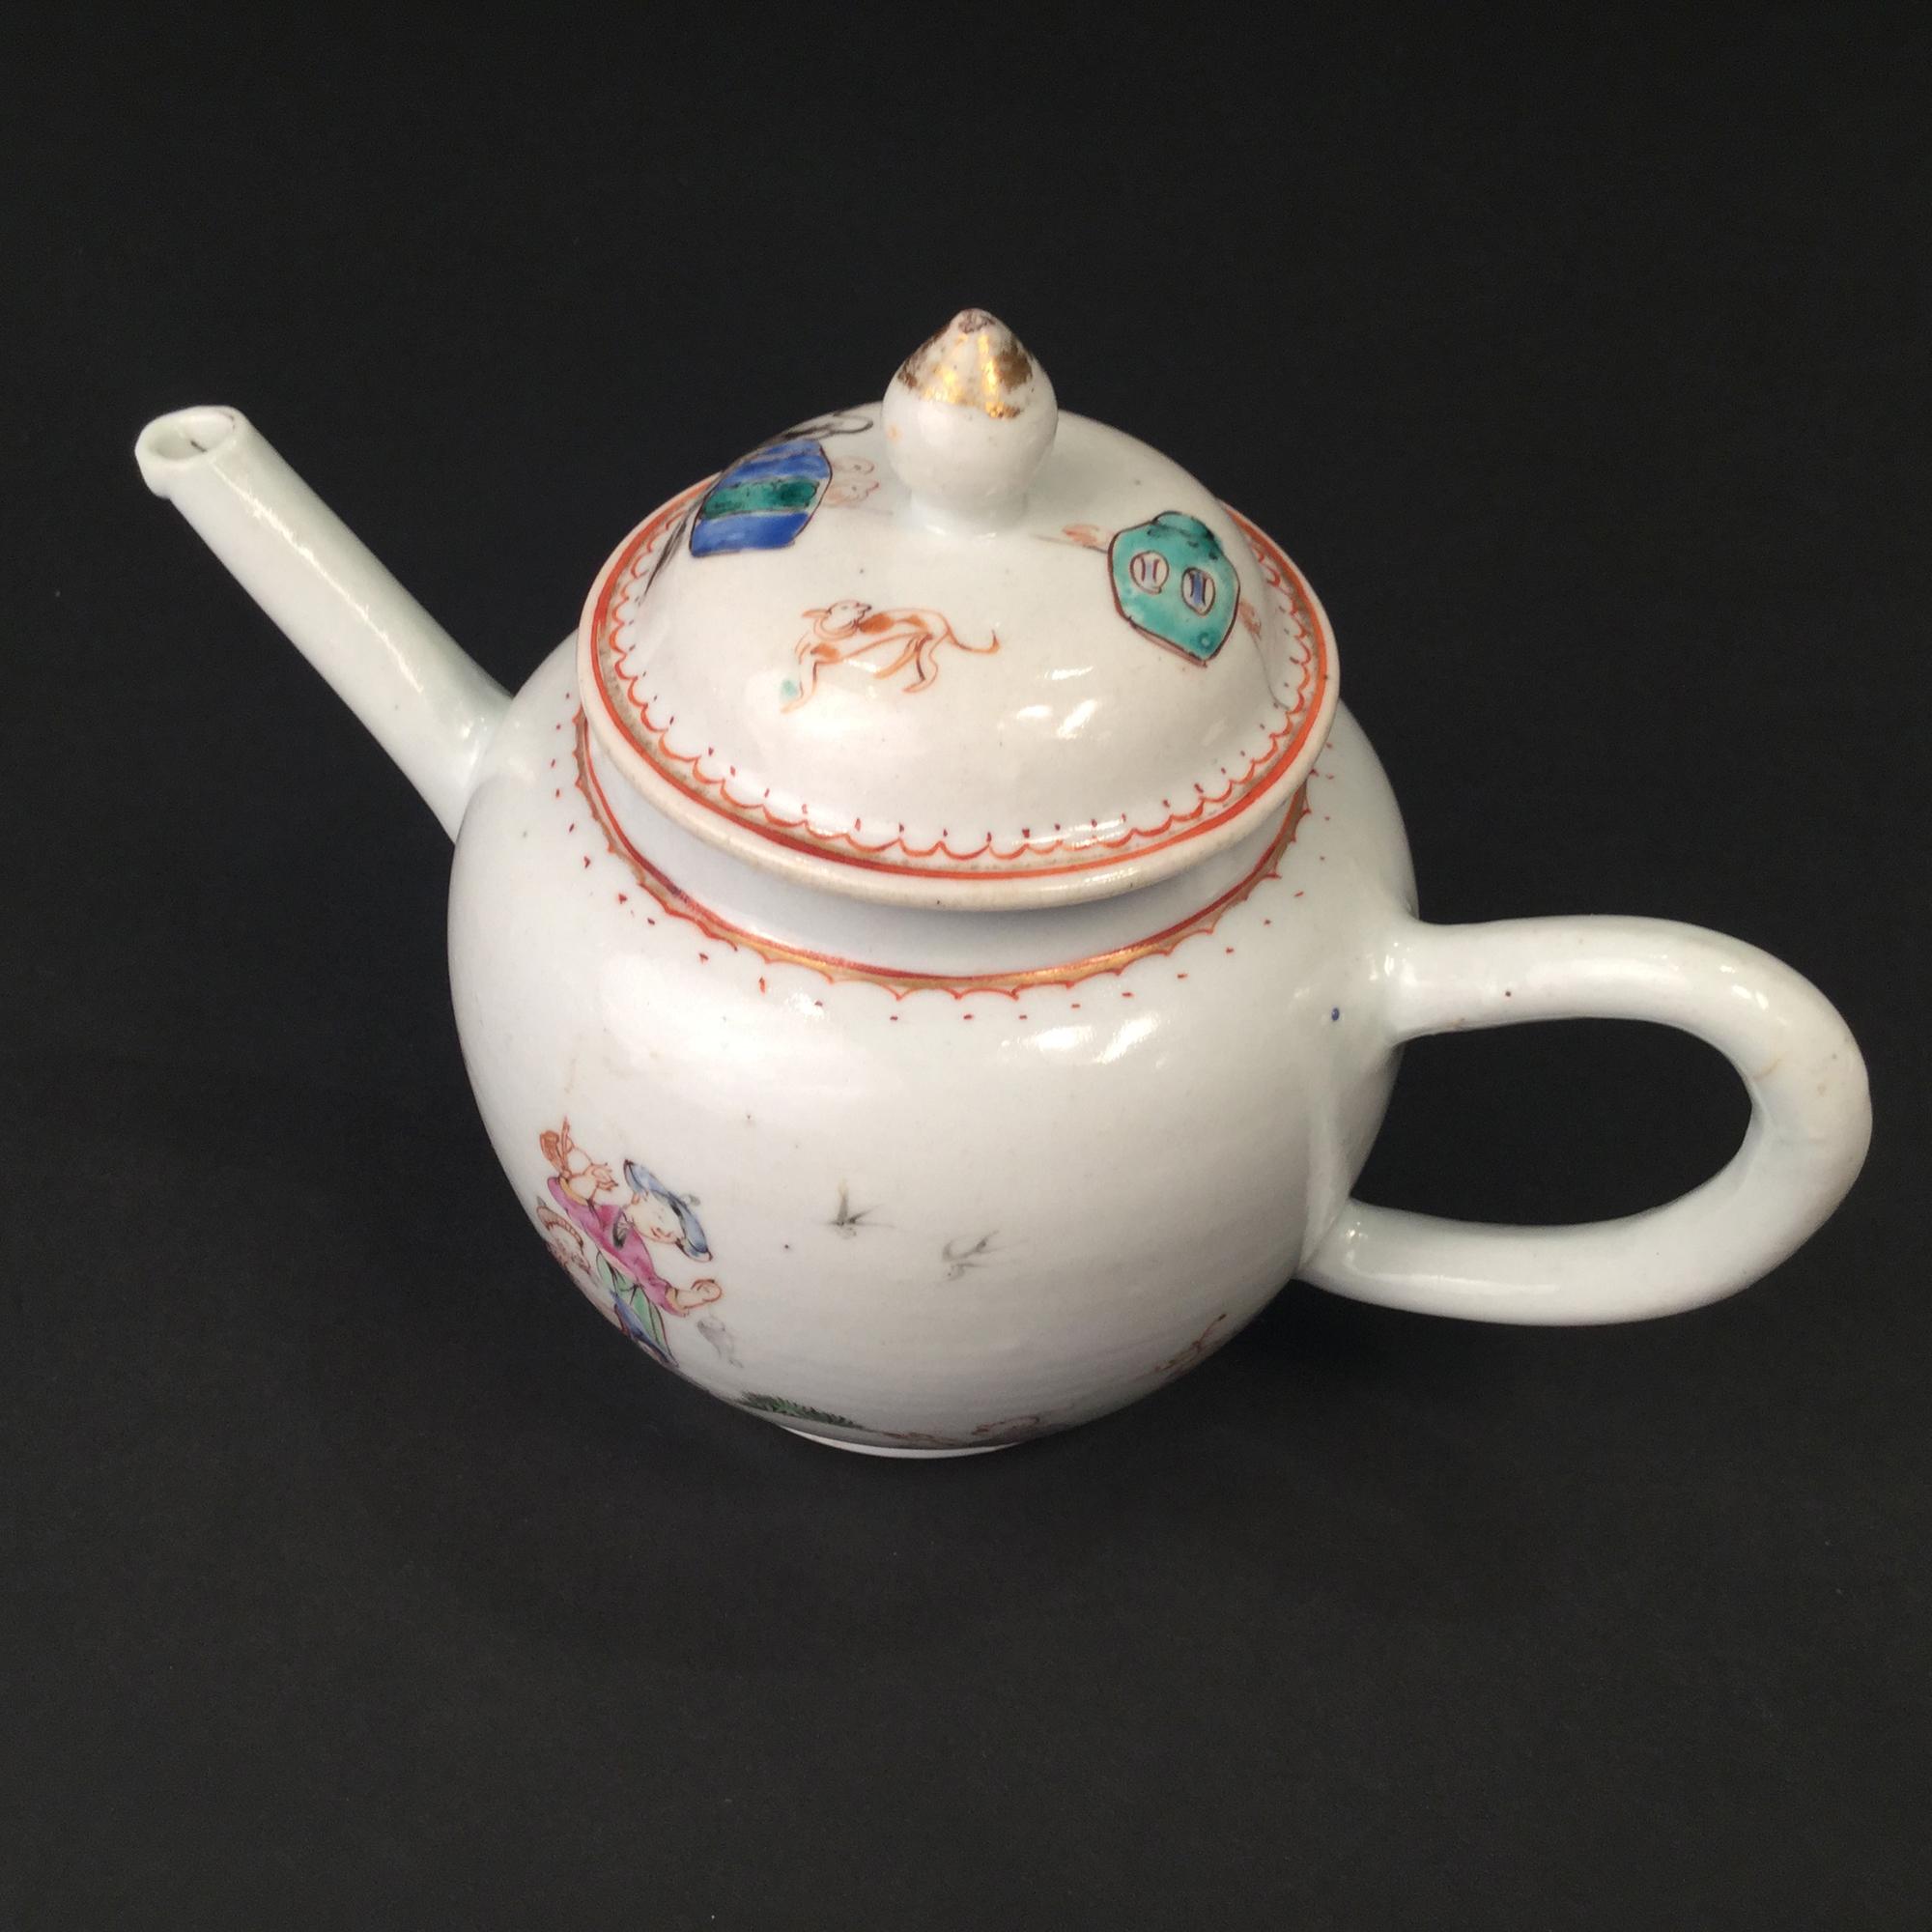 Chine, Theière en compagnie des Indes, 18ème siècle.